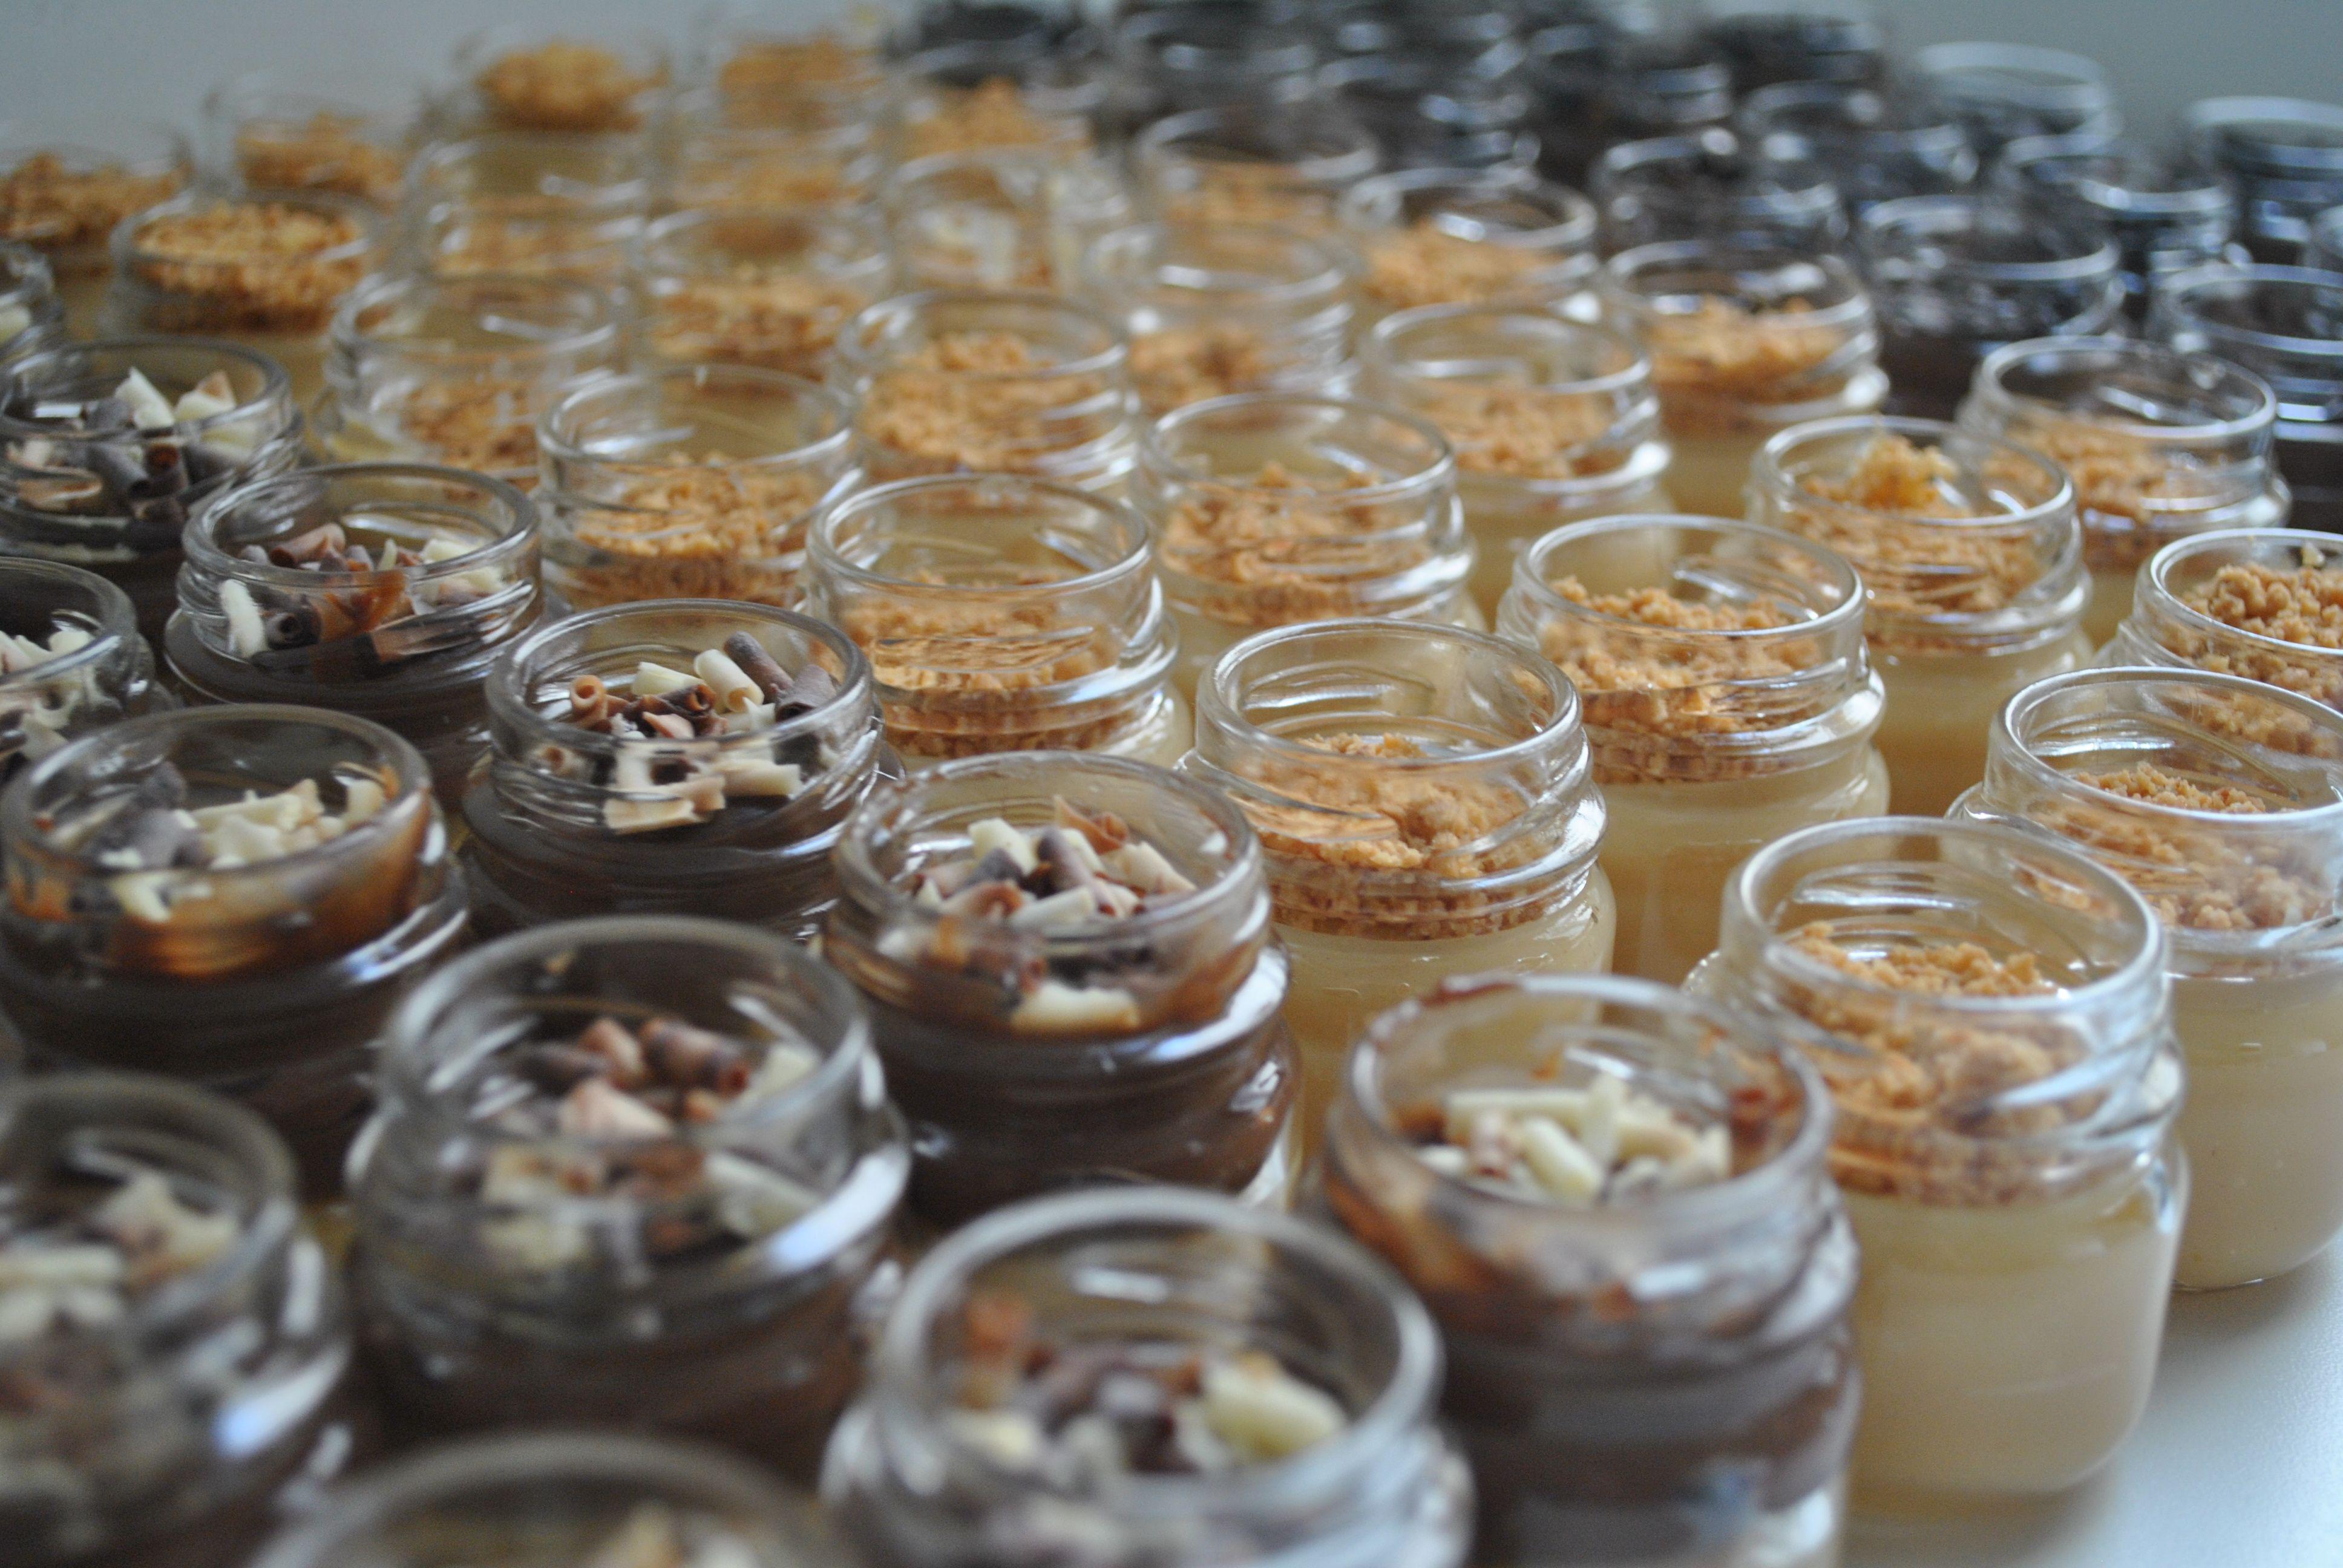 Potinho de brigadeiro gourmet nos sabores paçoquinha, casadinho e dark. Veja mais em  http://www.giveagift.com.br/